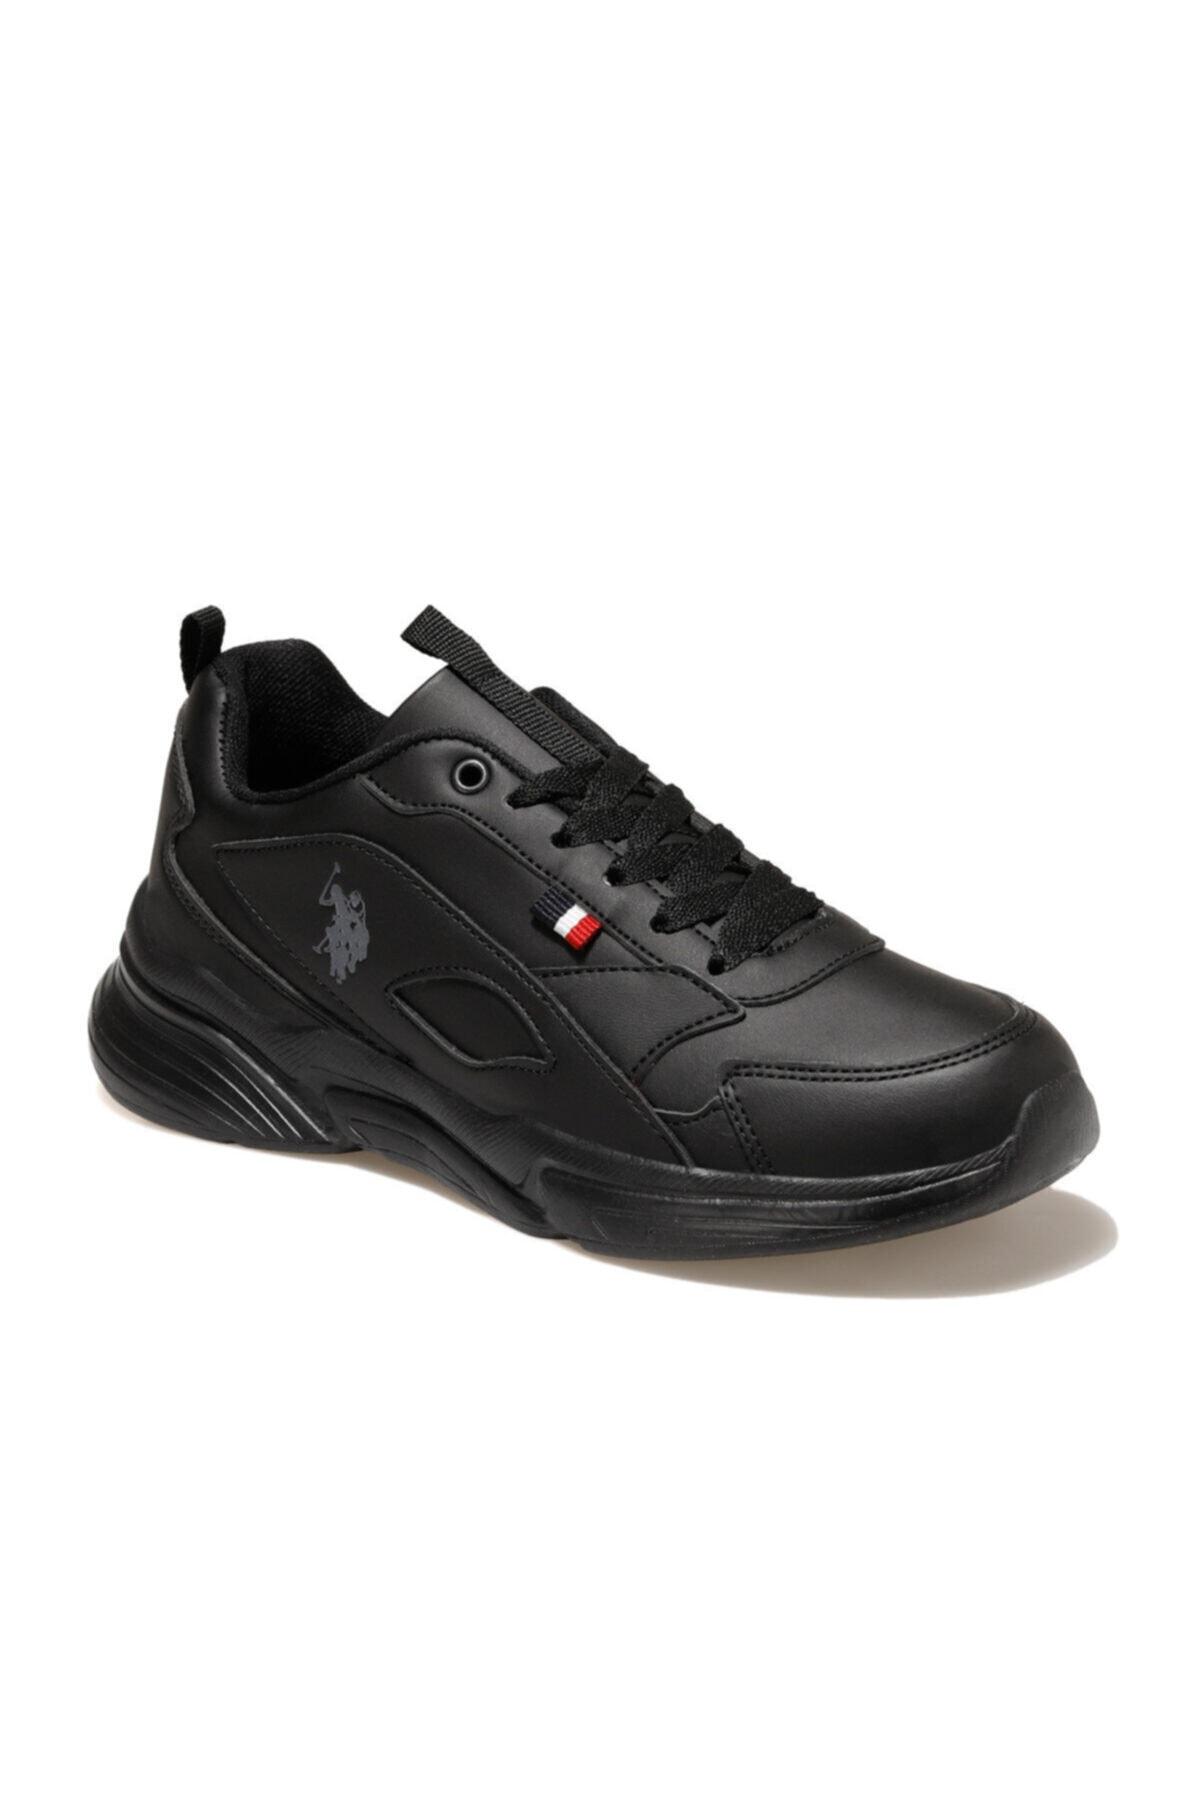 U.S. Polo Assn. LEMON Siyah Kadın Sneaker Ayakkabı 100549061 1